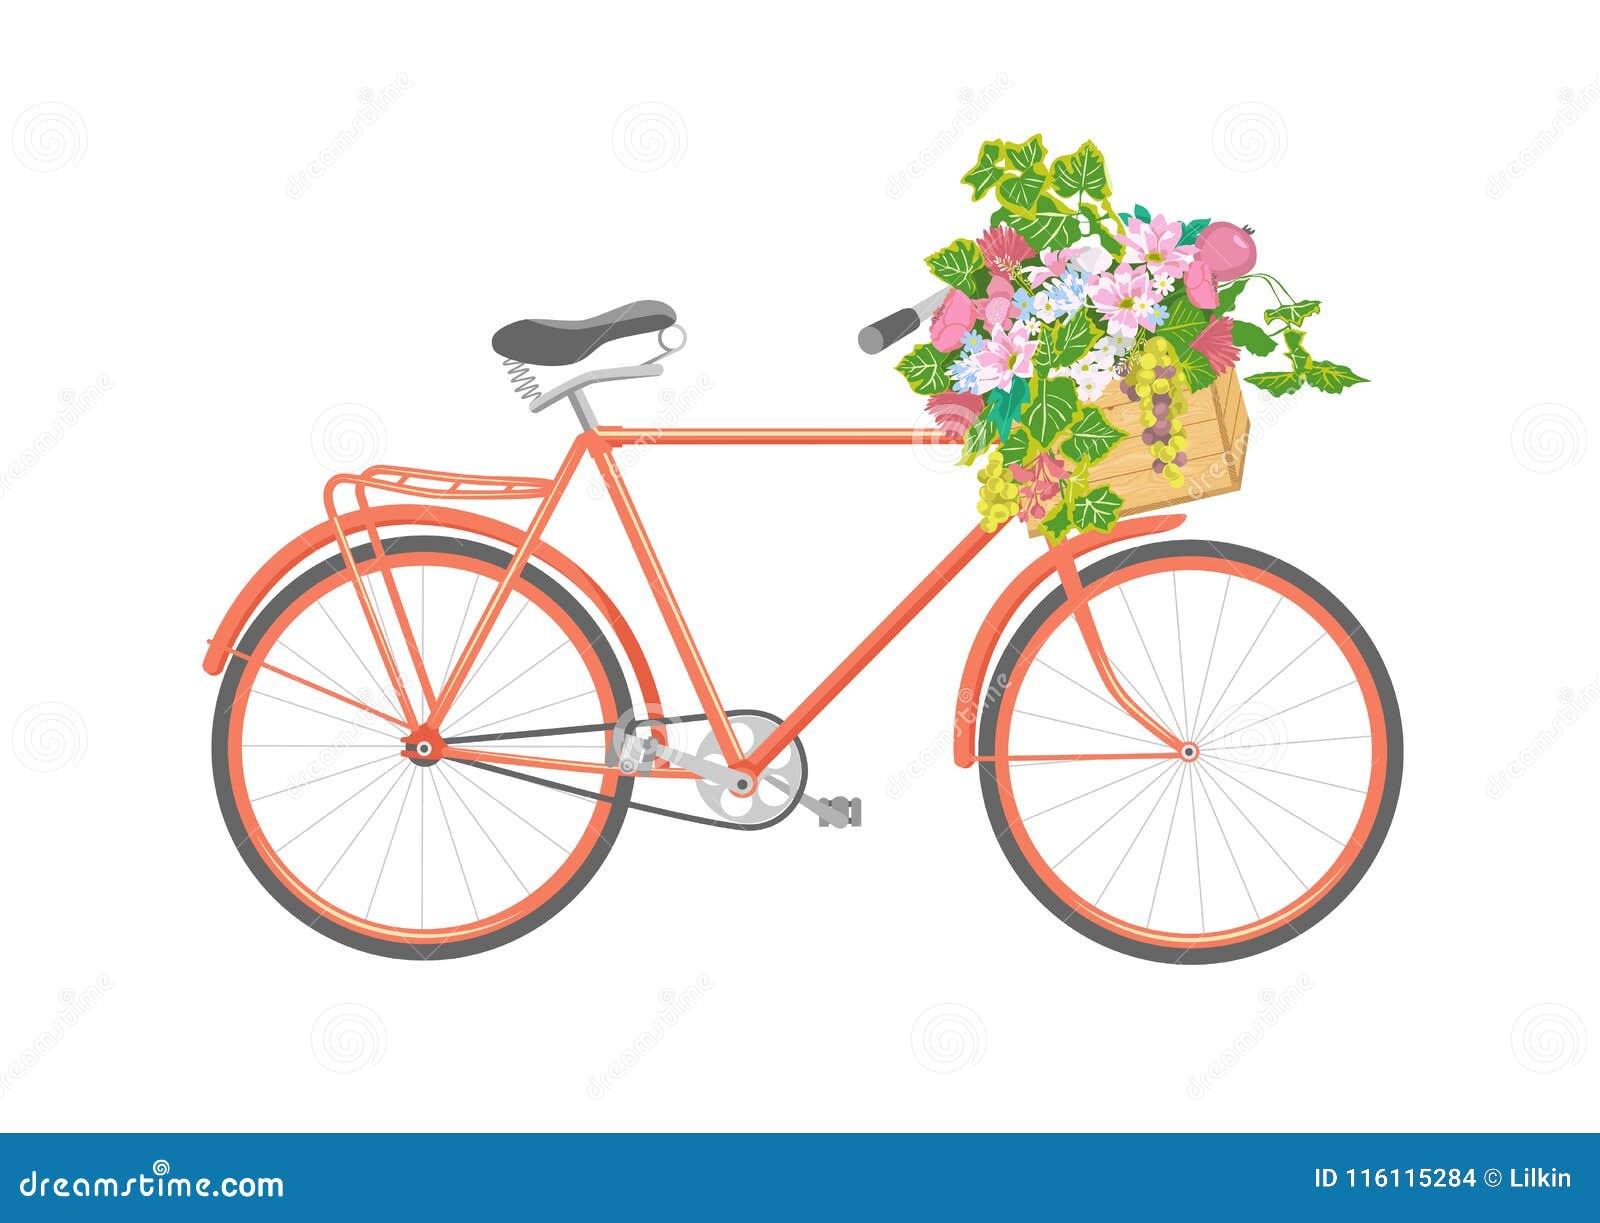 Ποδήλατο με τα λουλούδια στο κιβώτιο απεικόνιση